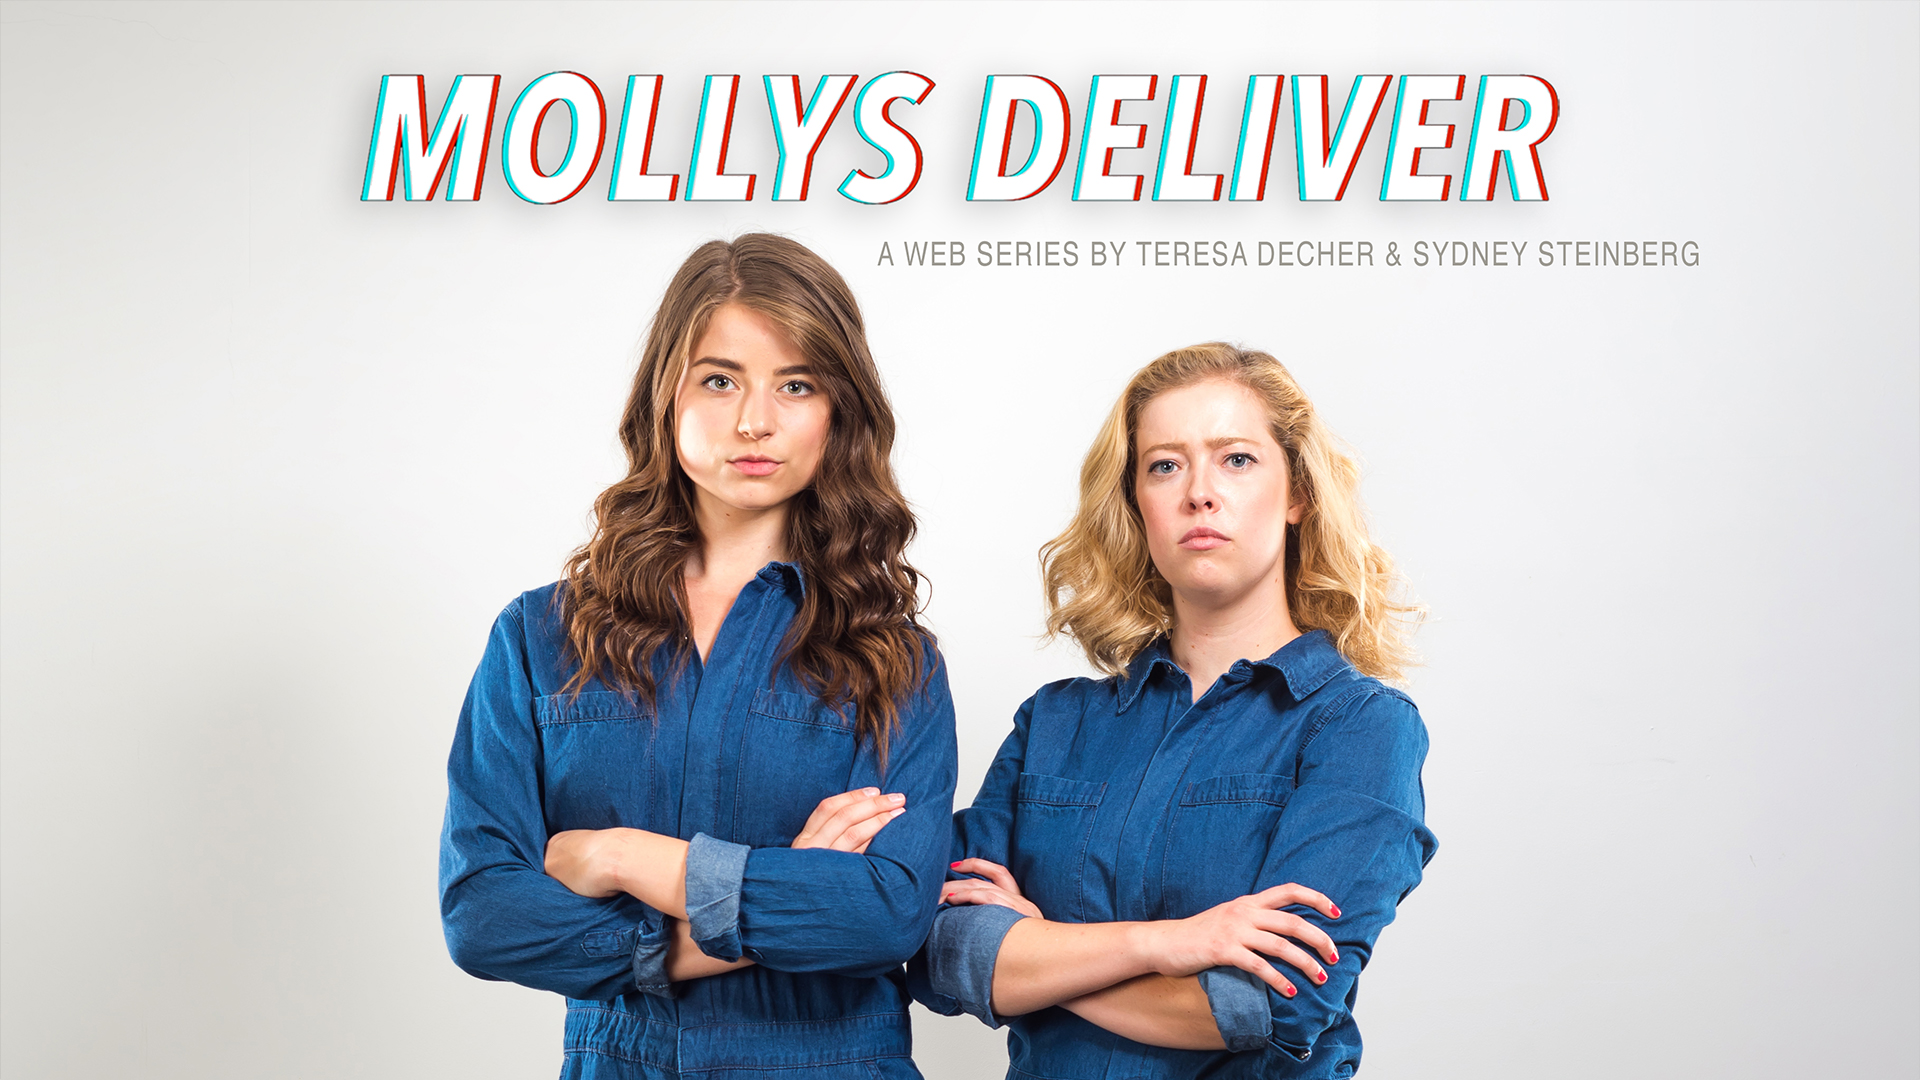 Mollys Deliver